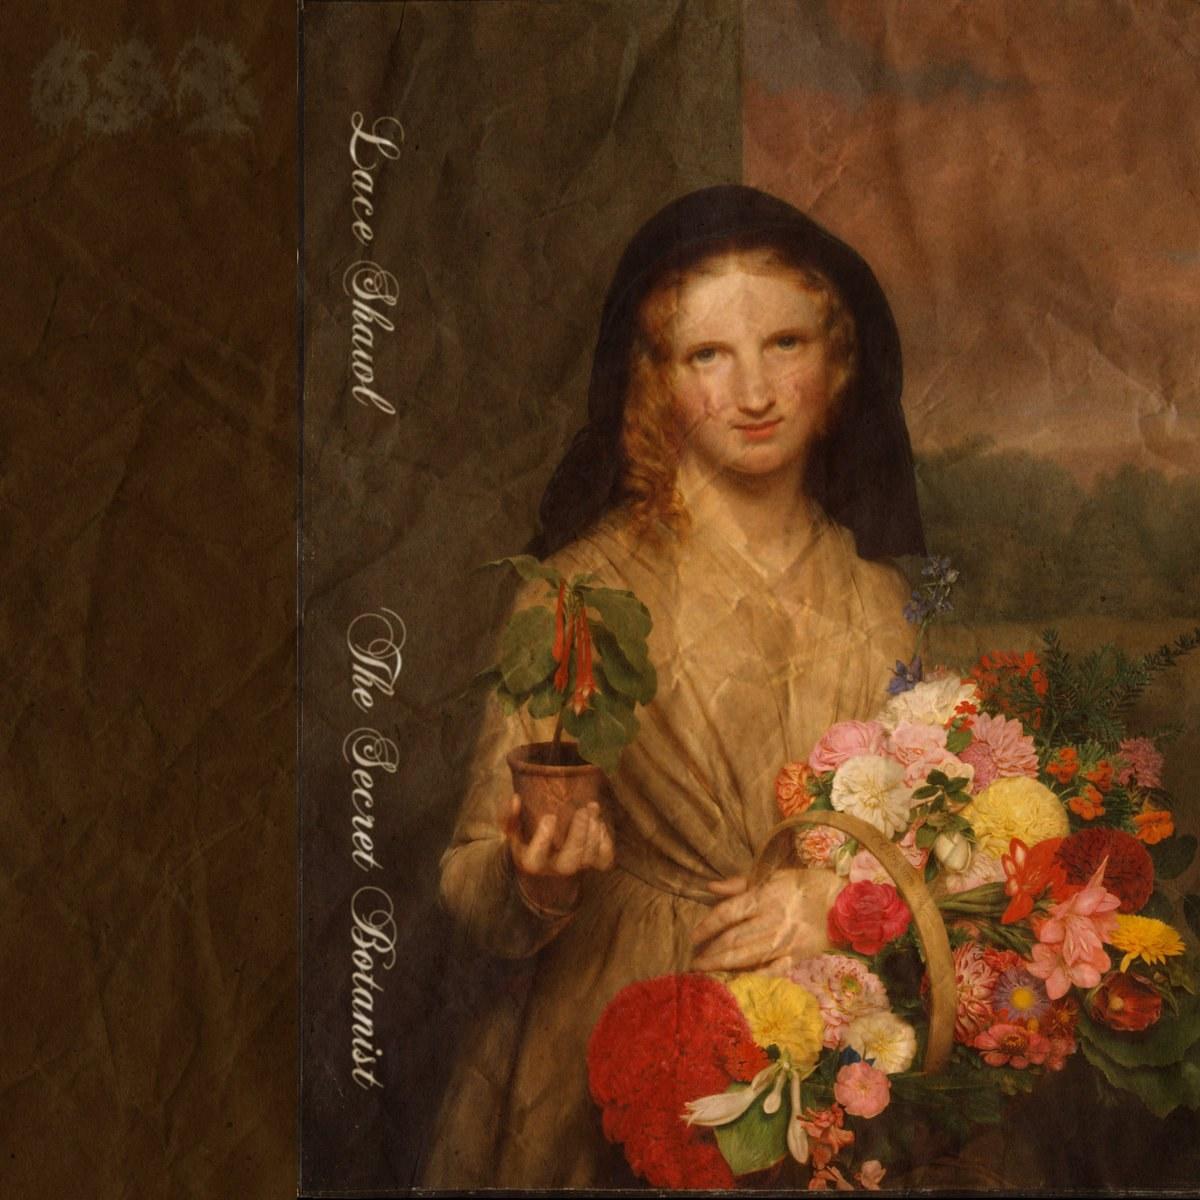 Lace Shawl - The Secret Botanist